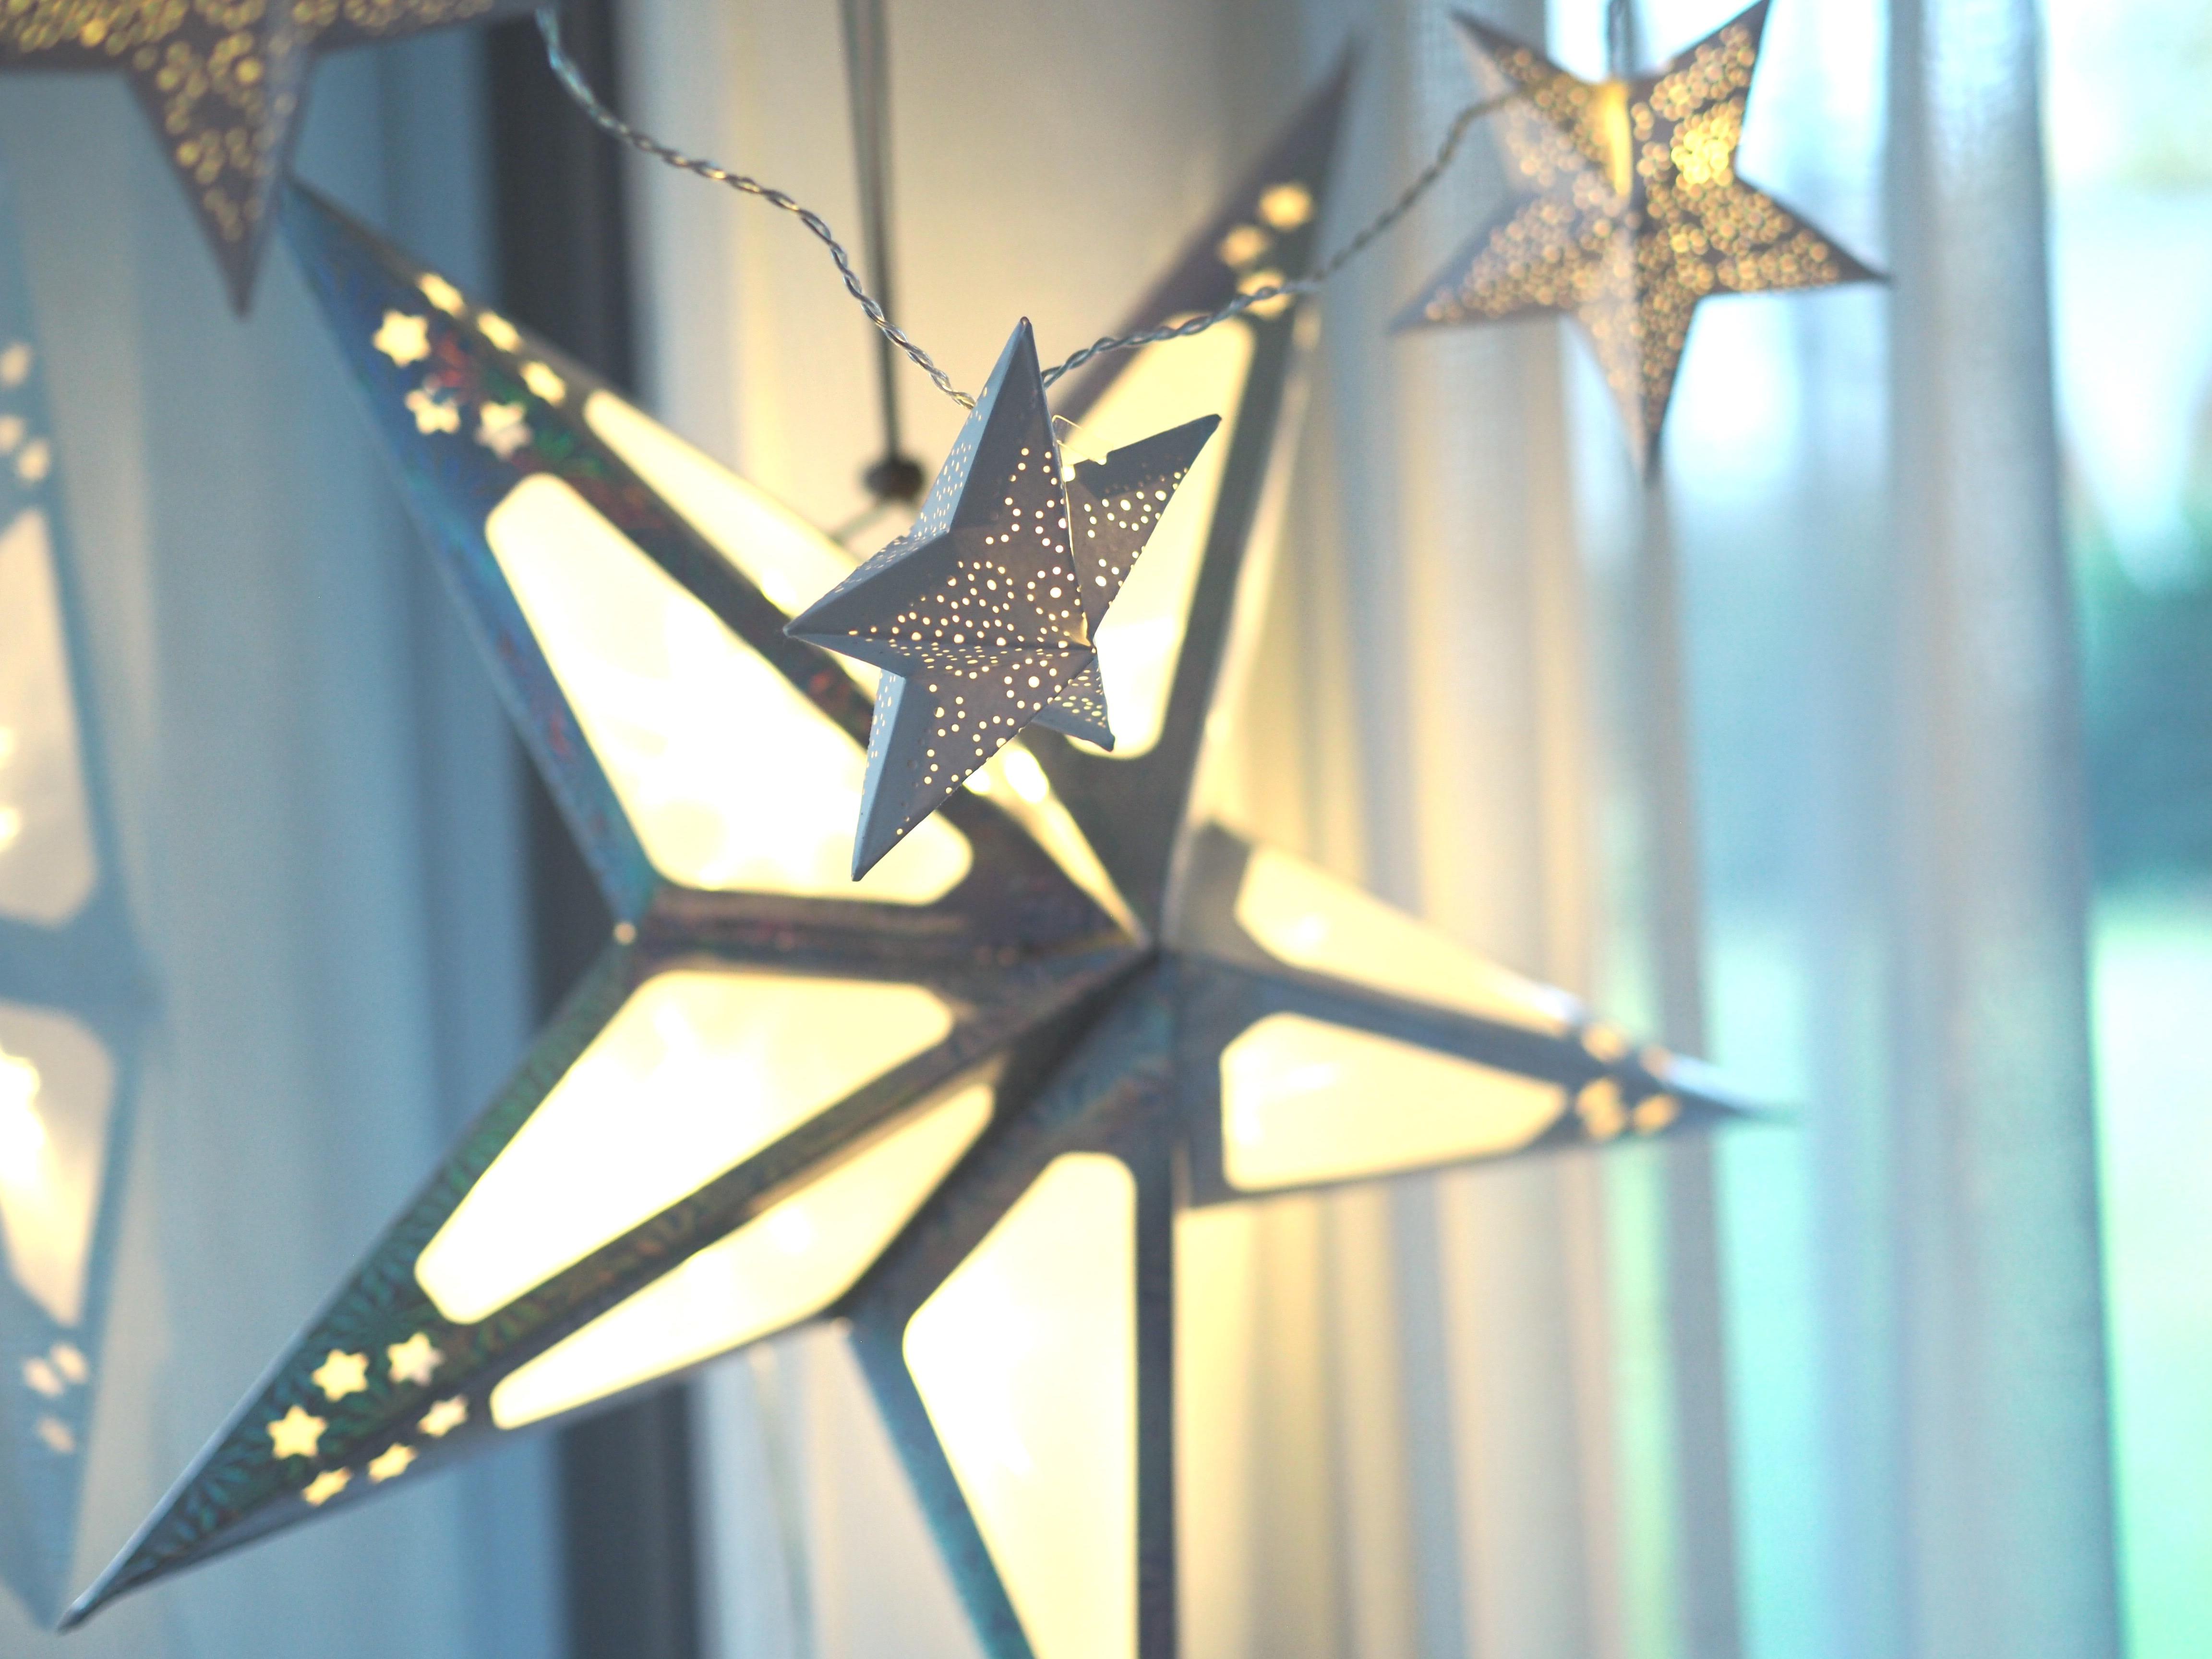 Weihnachten Dekodieren mit Lidl auf Maison Pazi